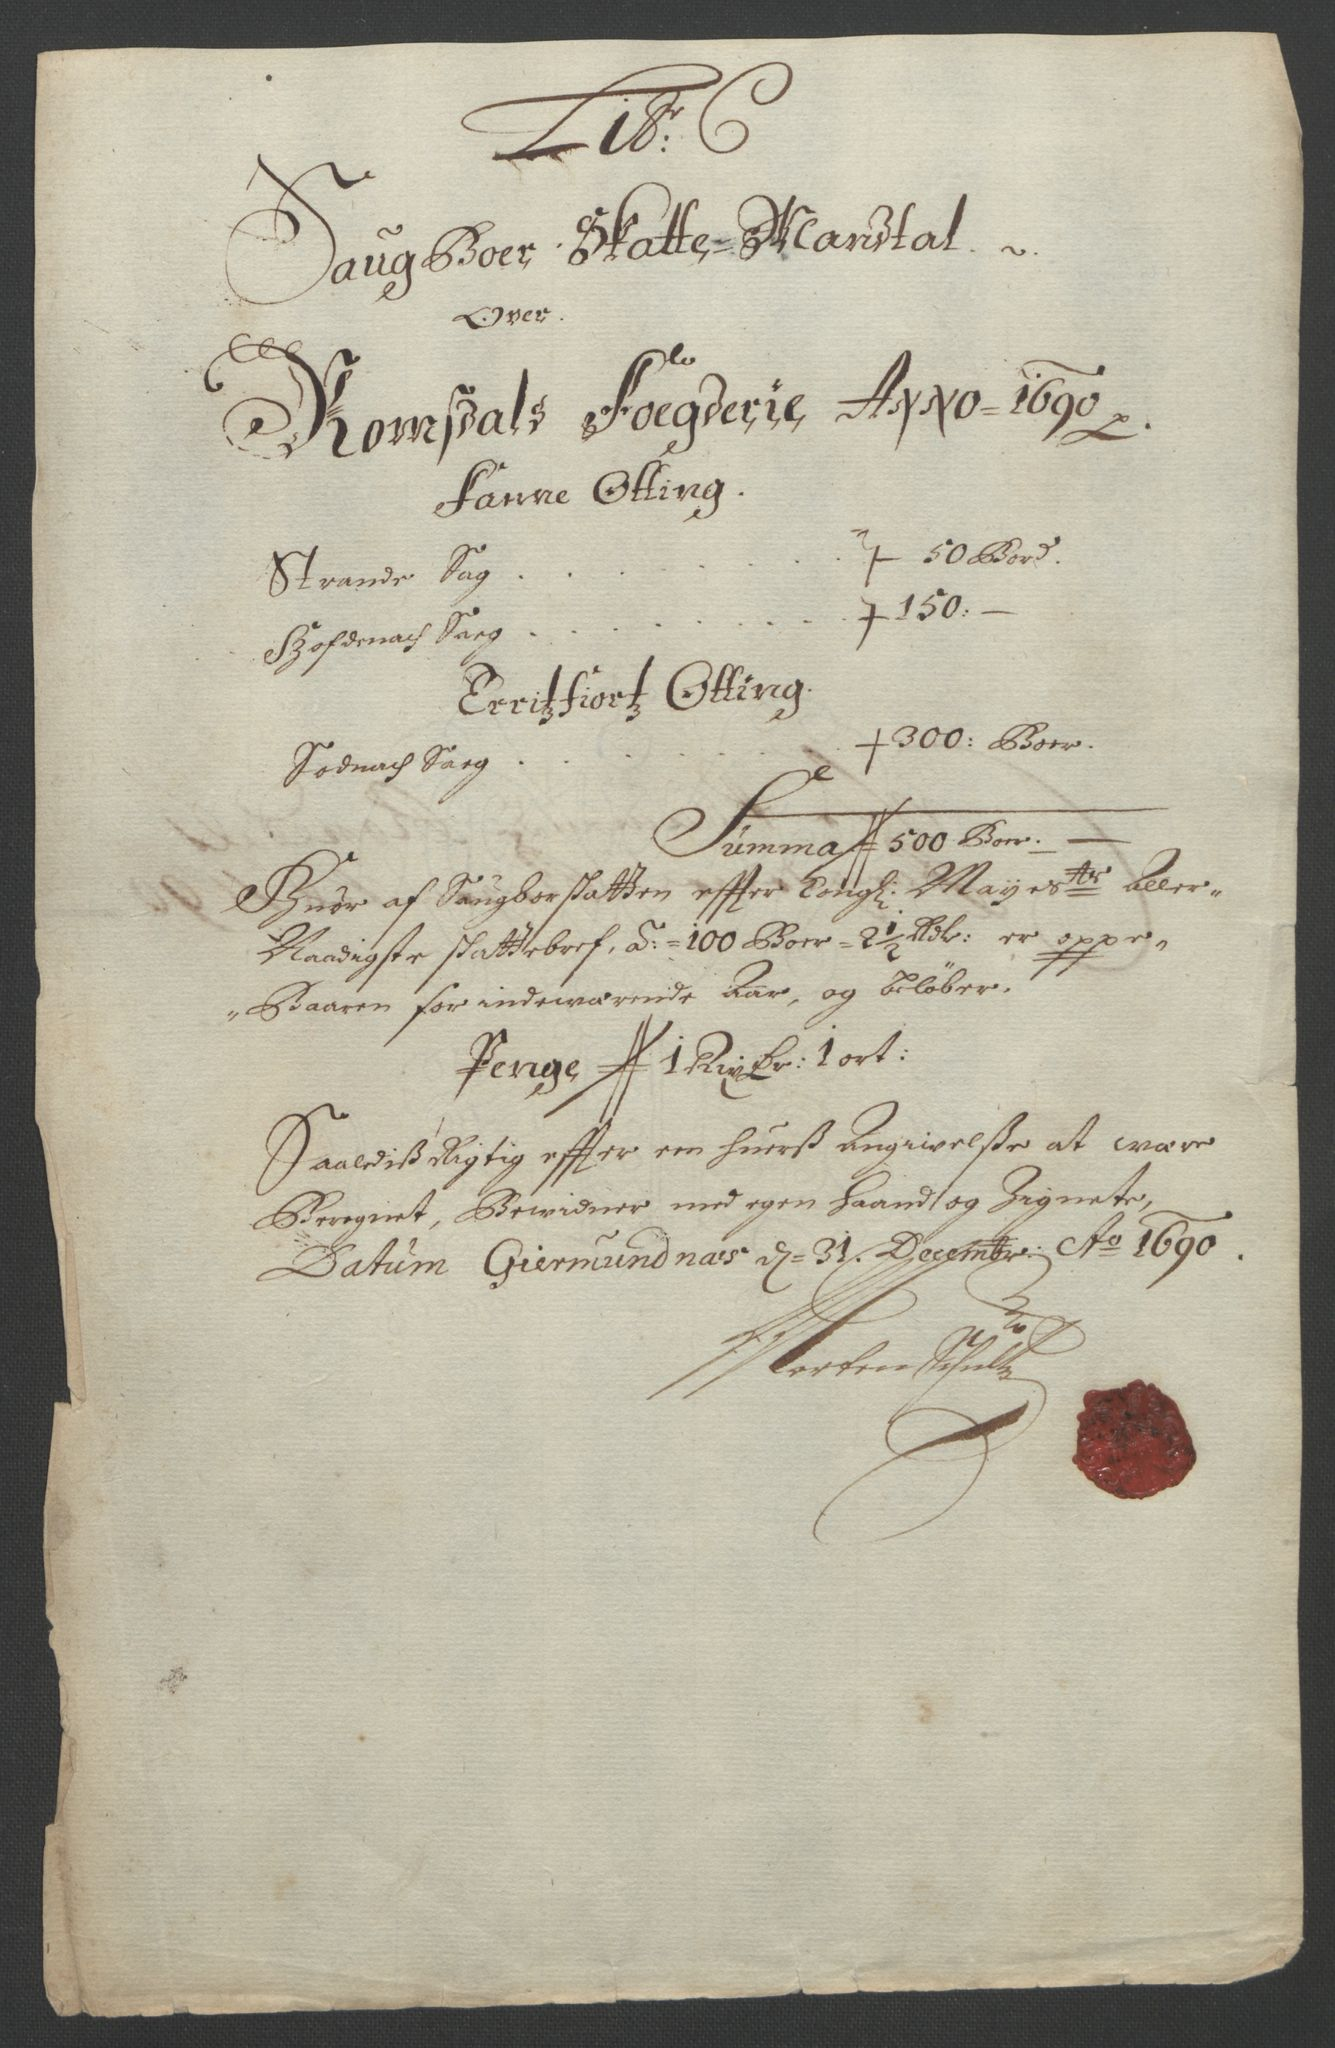 RA, Rentekammeret inntil 1814, Reviderte regnskaper, Fogderegnskap, R55/L3649: Fogderegnskap Romsdal, 1690-1691, s. 62